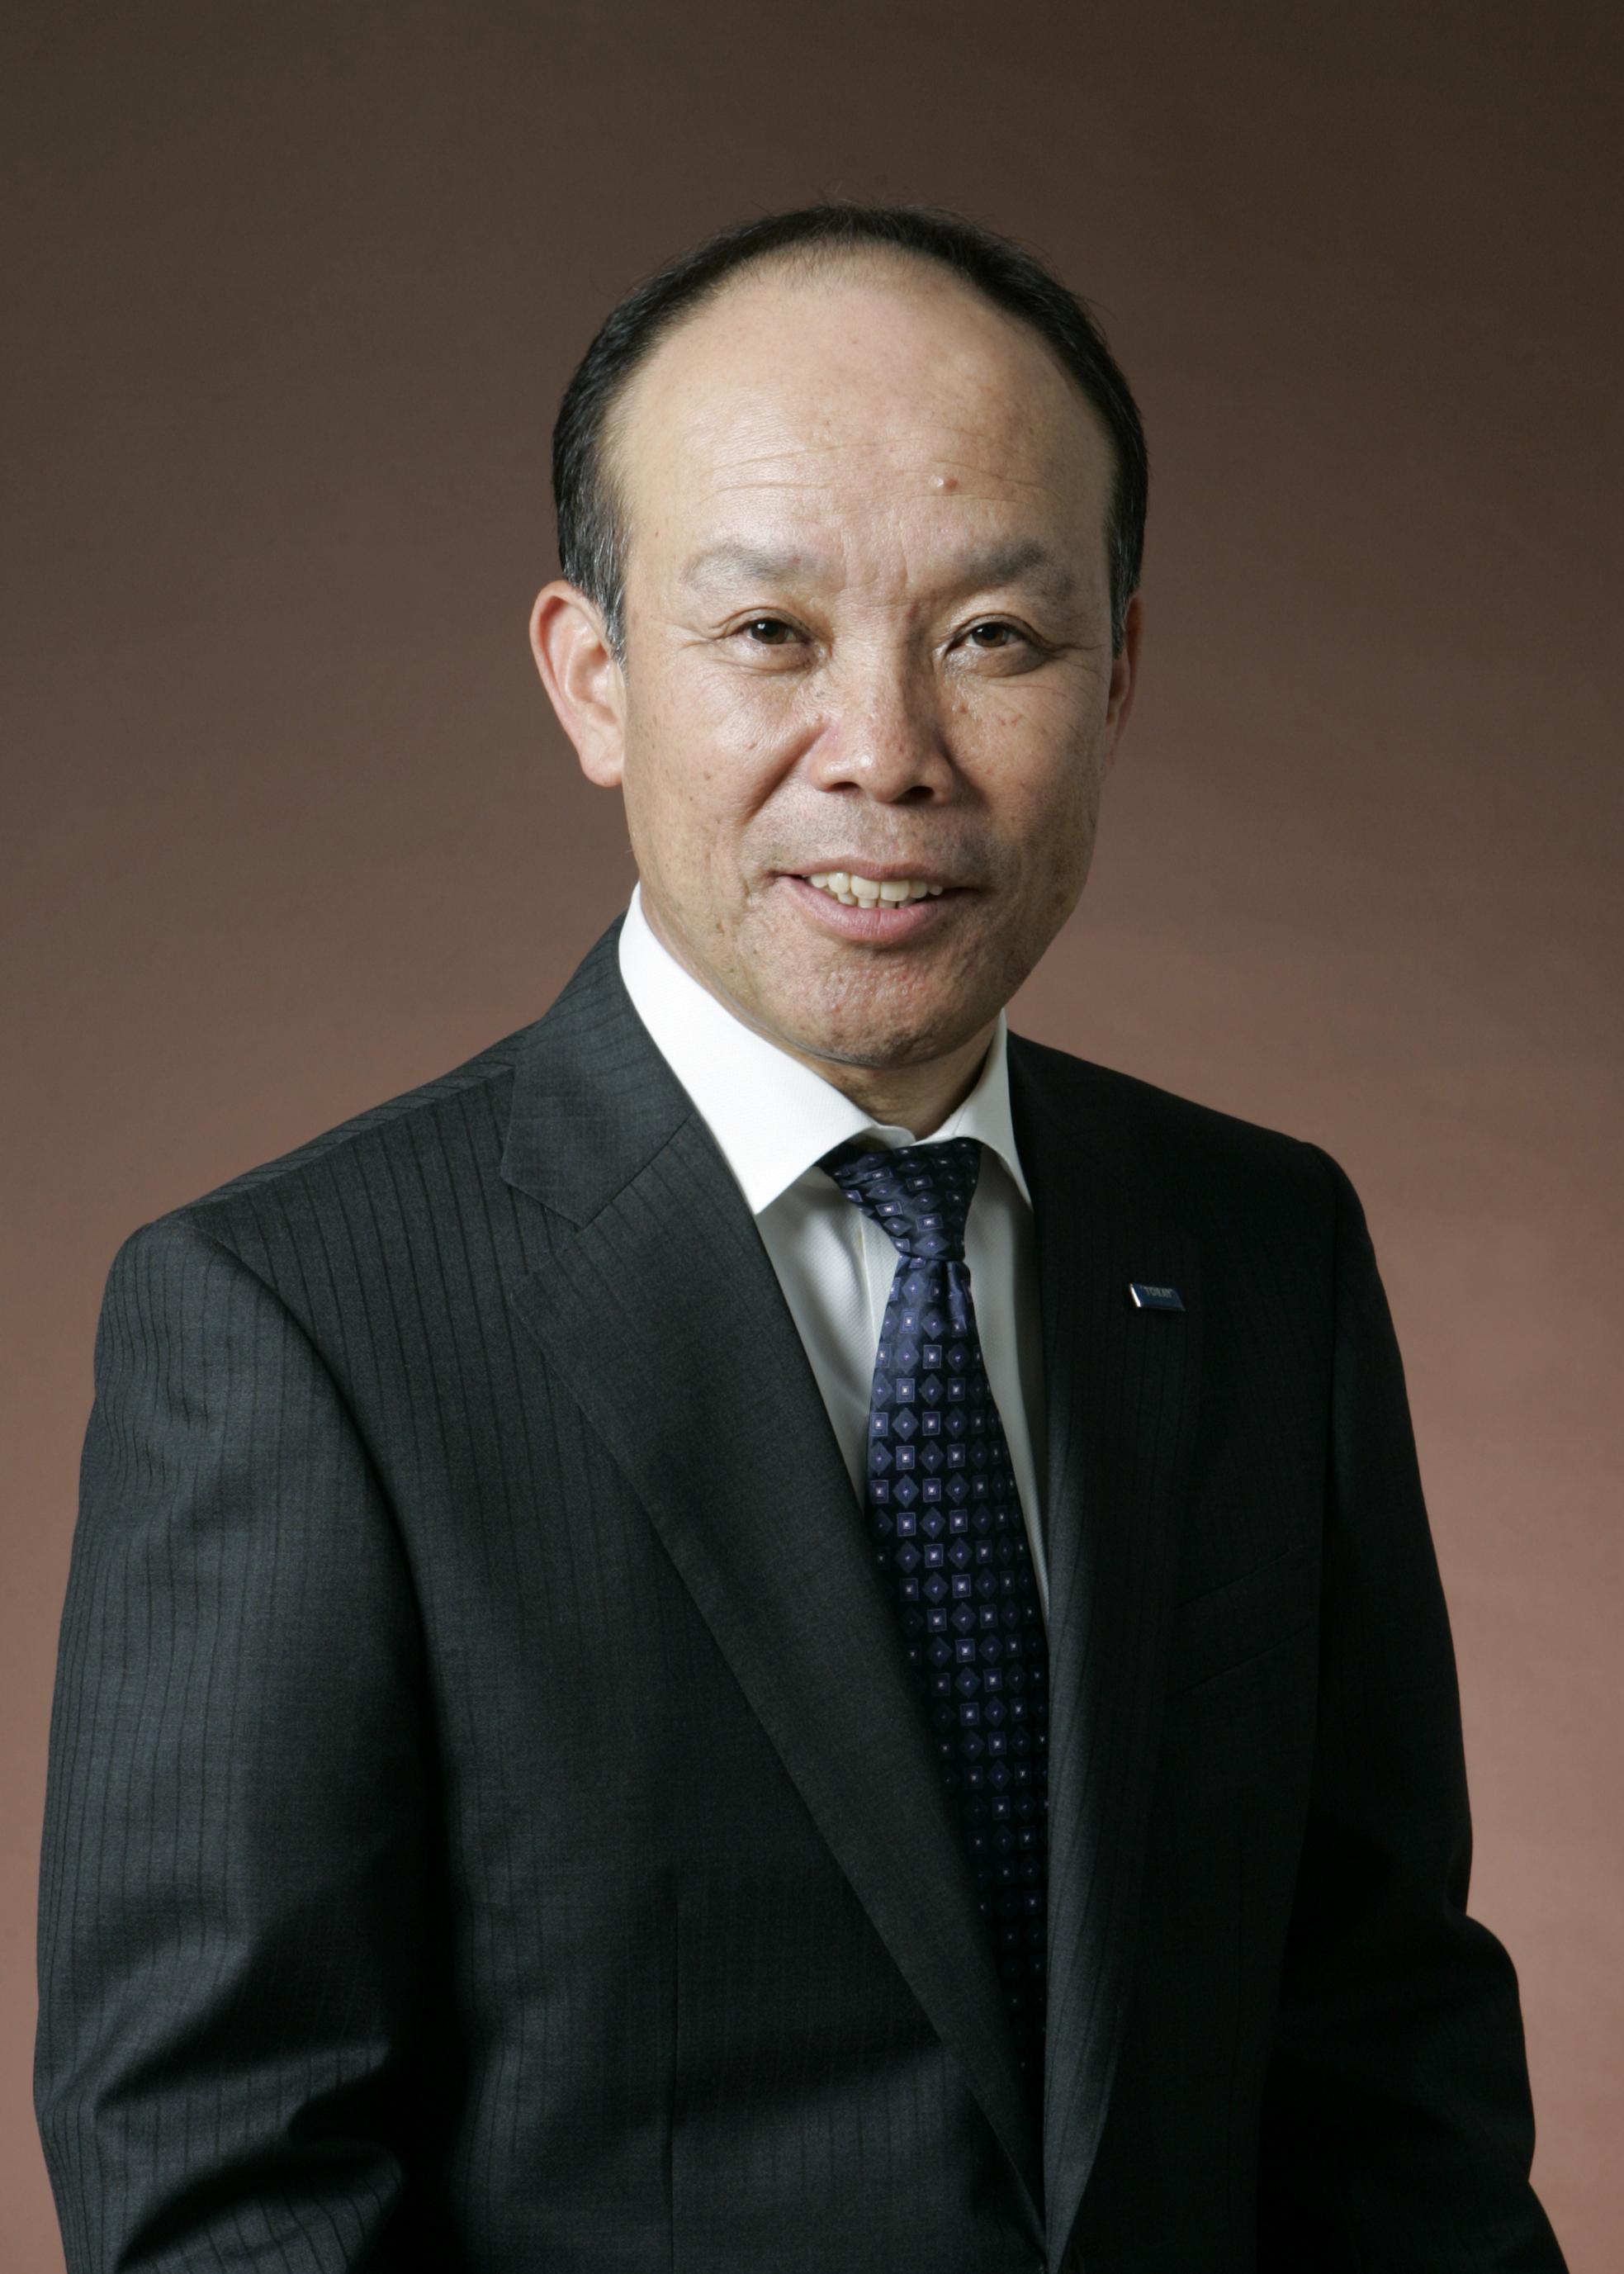 东丽株式会社常务执行董事、东丽中国总代表、东丽(中国)投资有限公司董事长兼总经理首藤和彦。